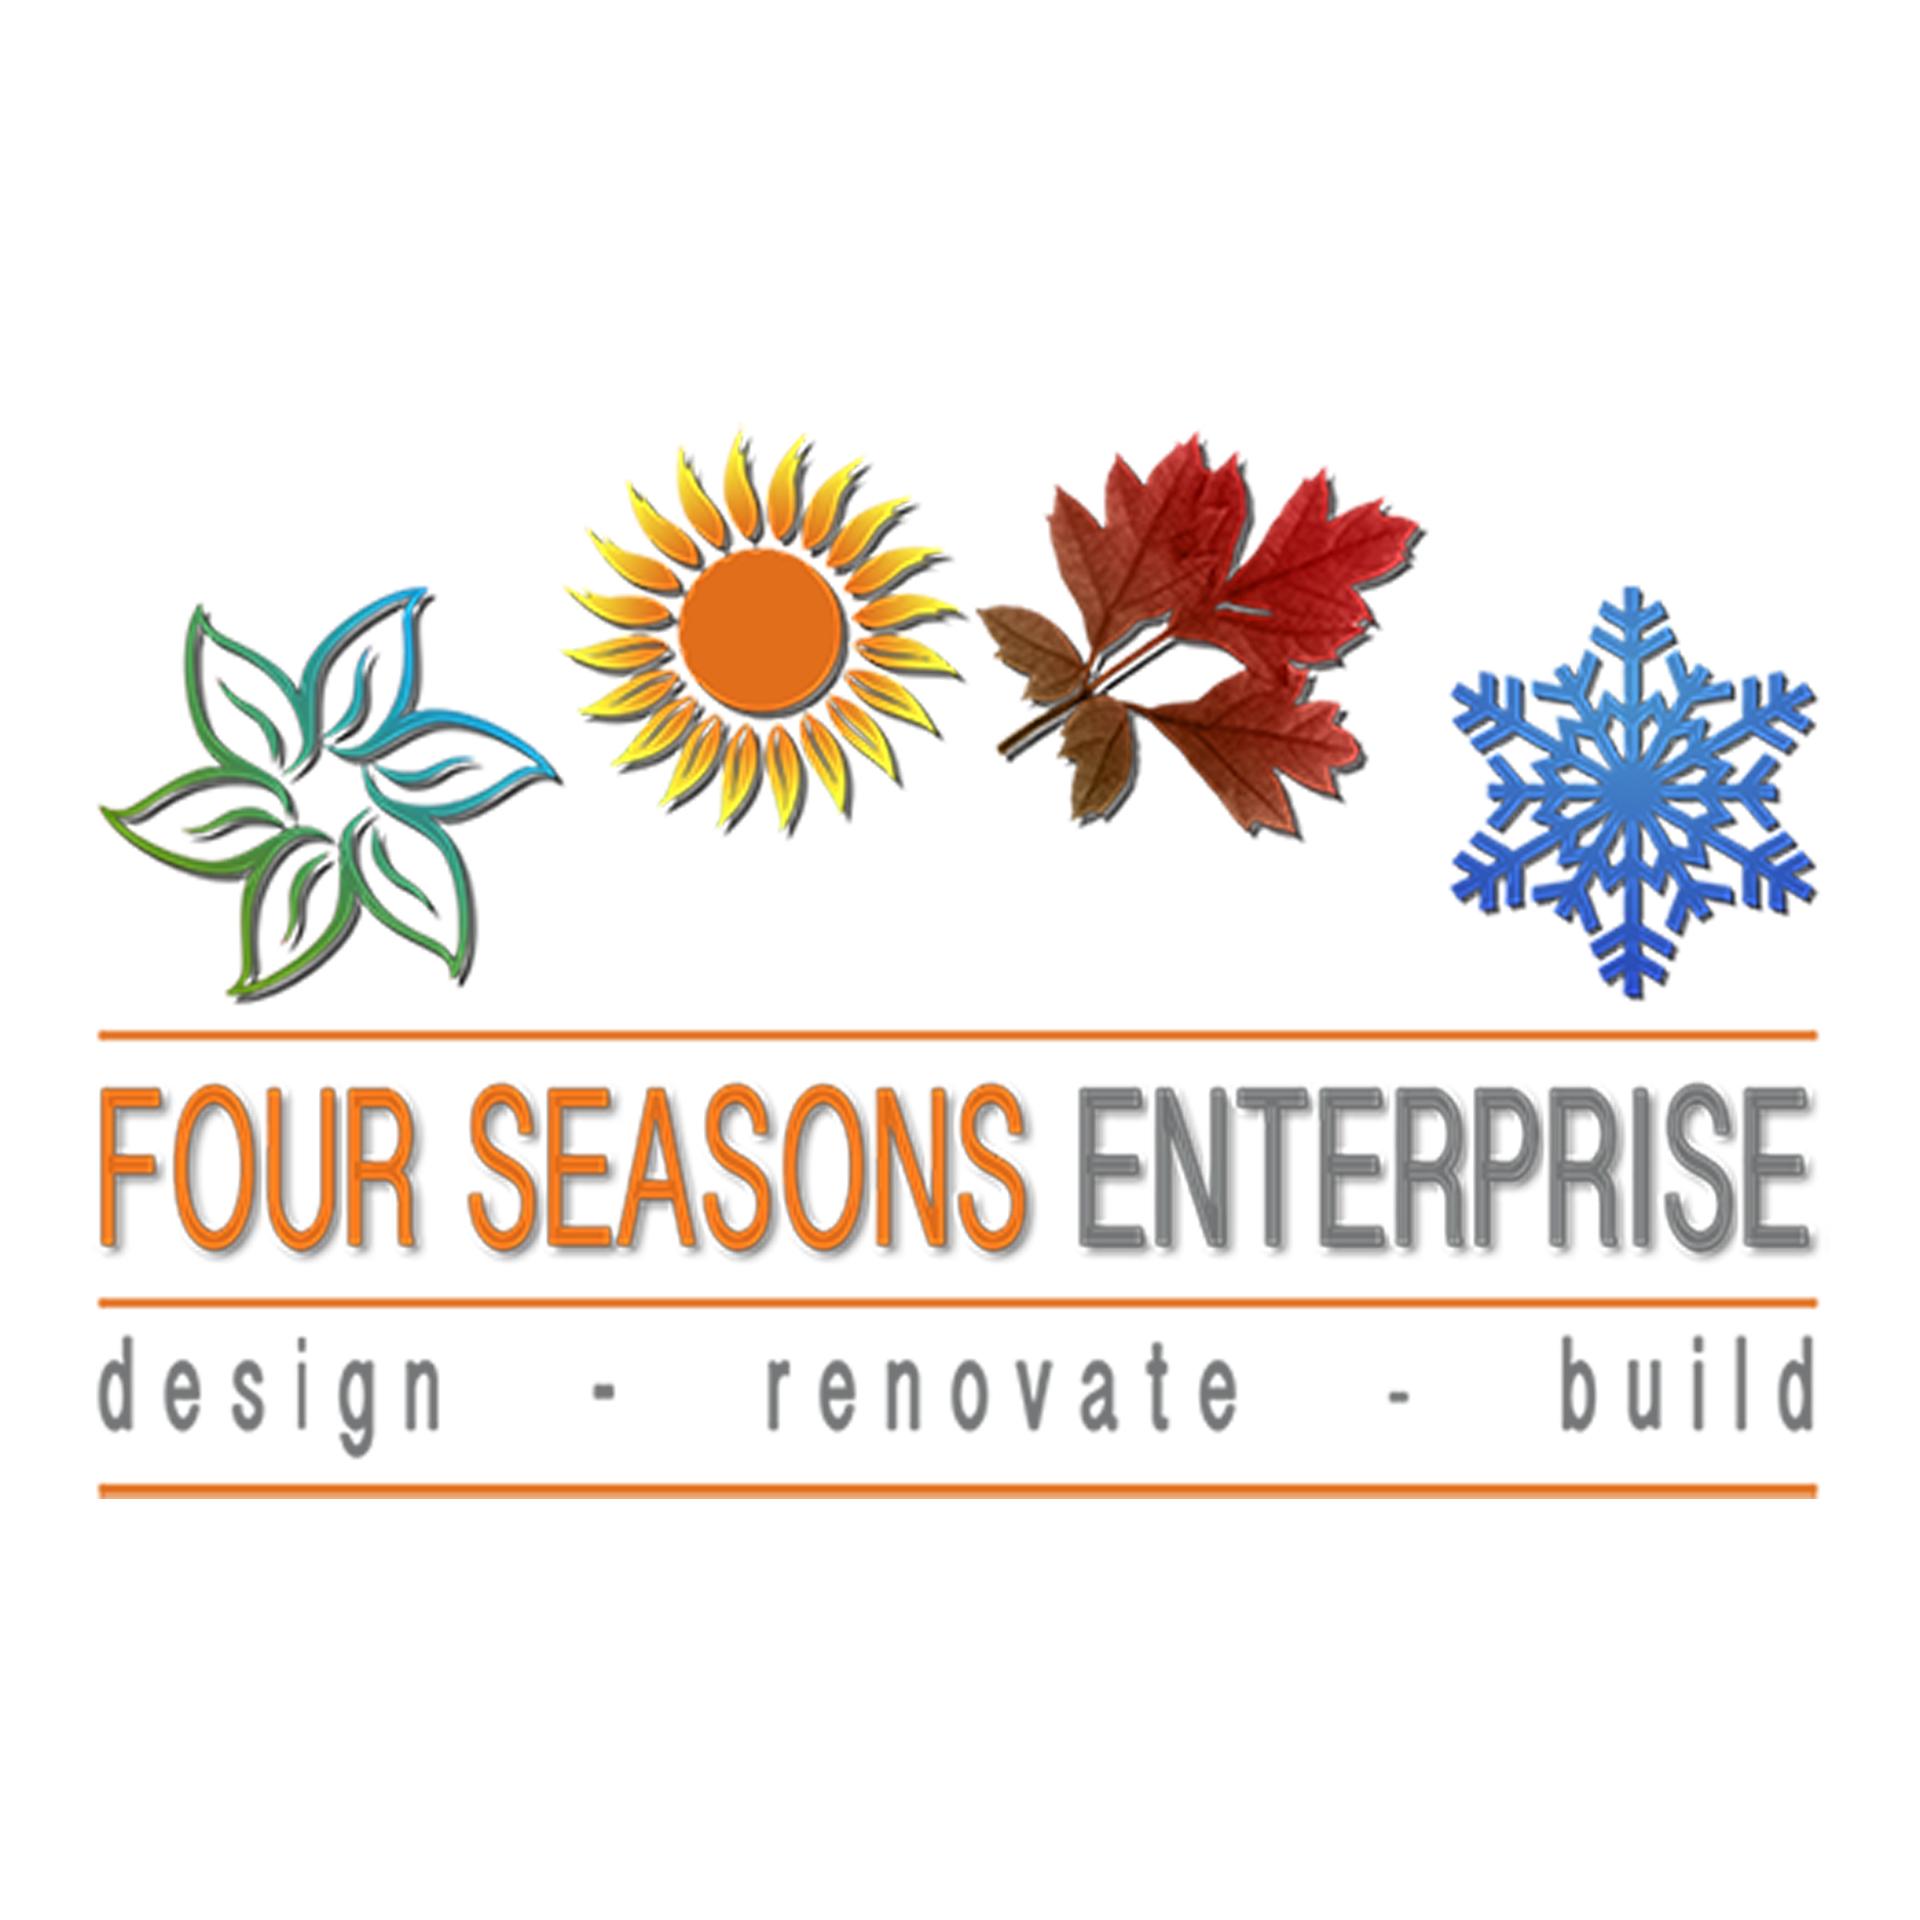 Four Seasons Enterprise